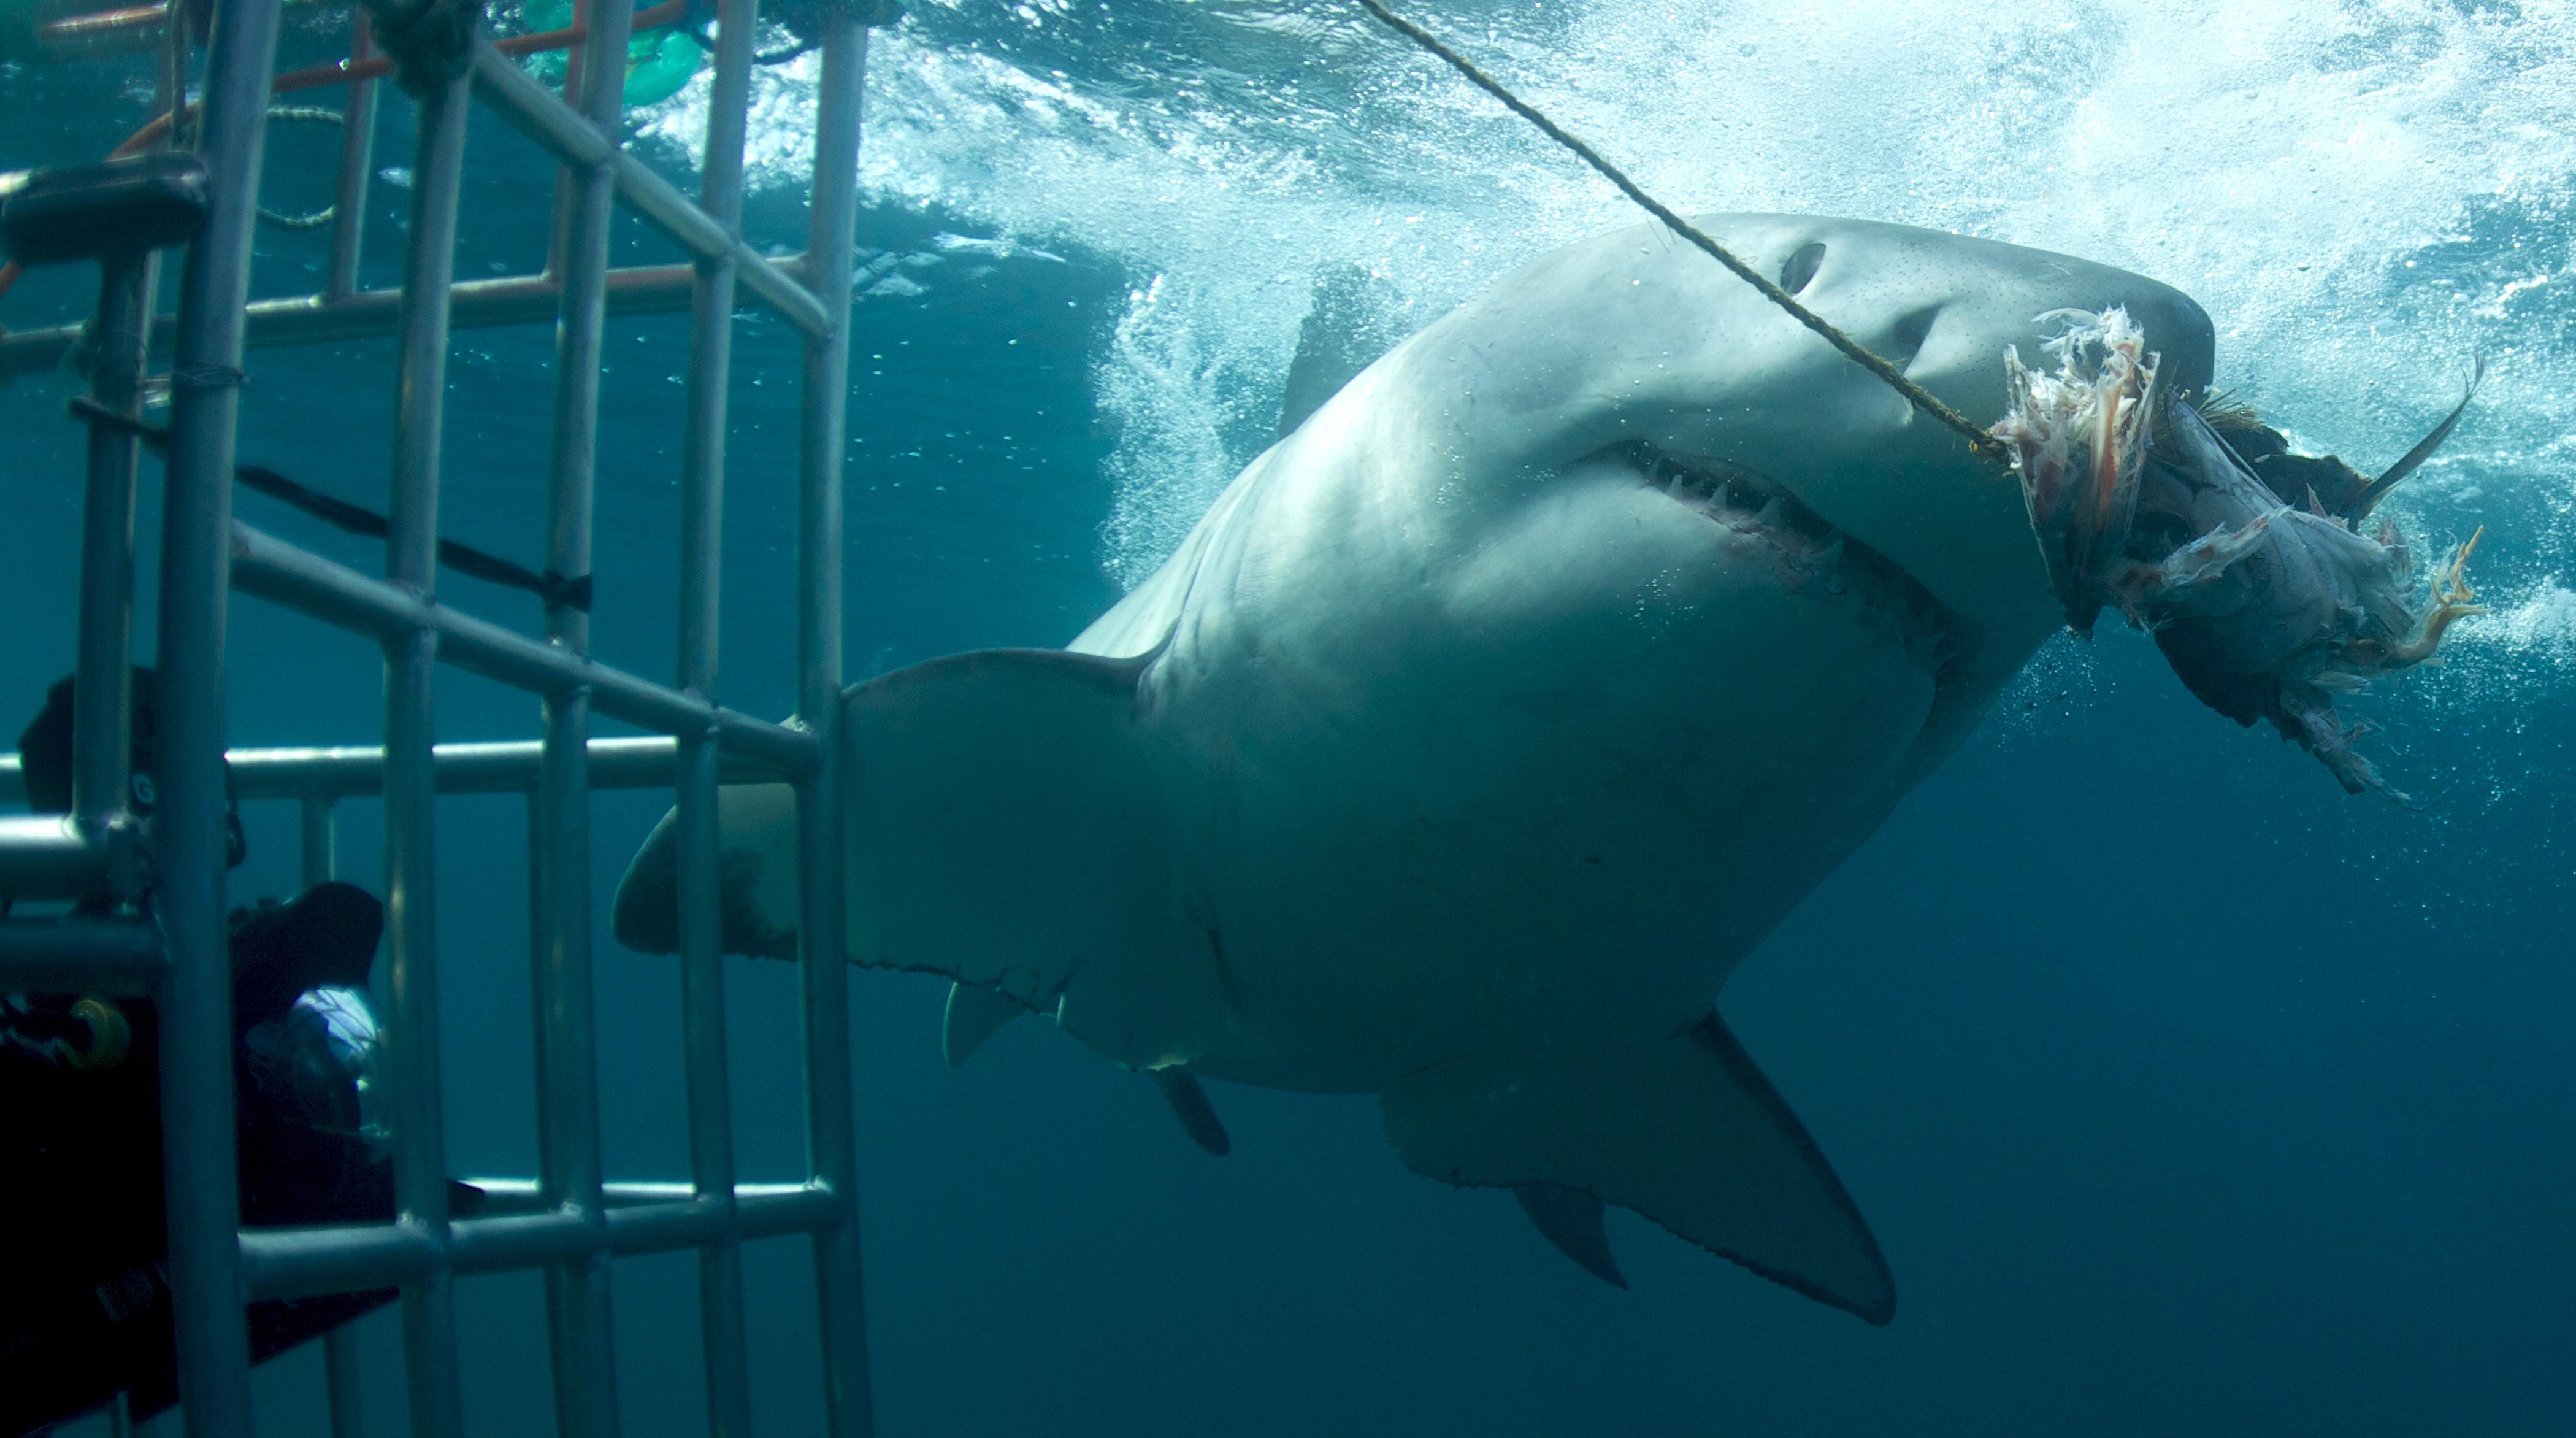 том, кино про акул картинки фирмы фишер